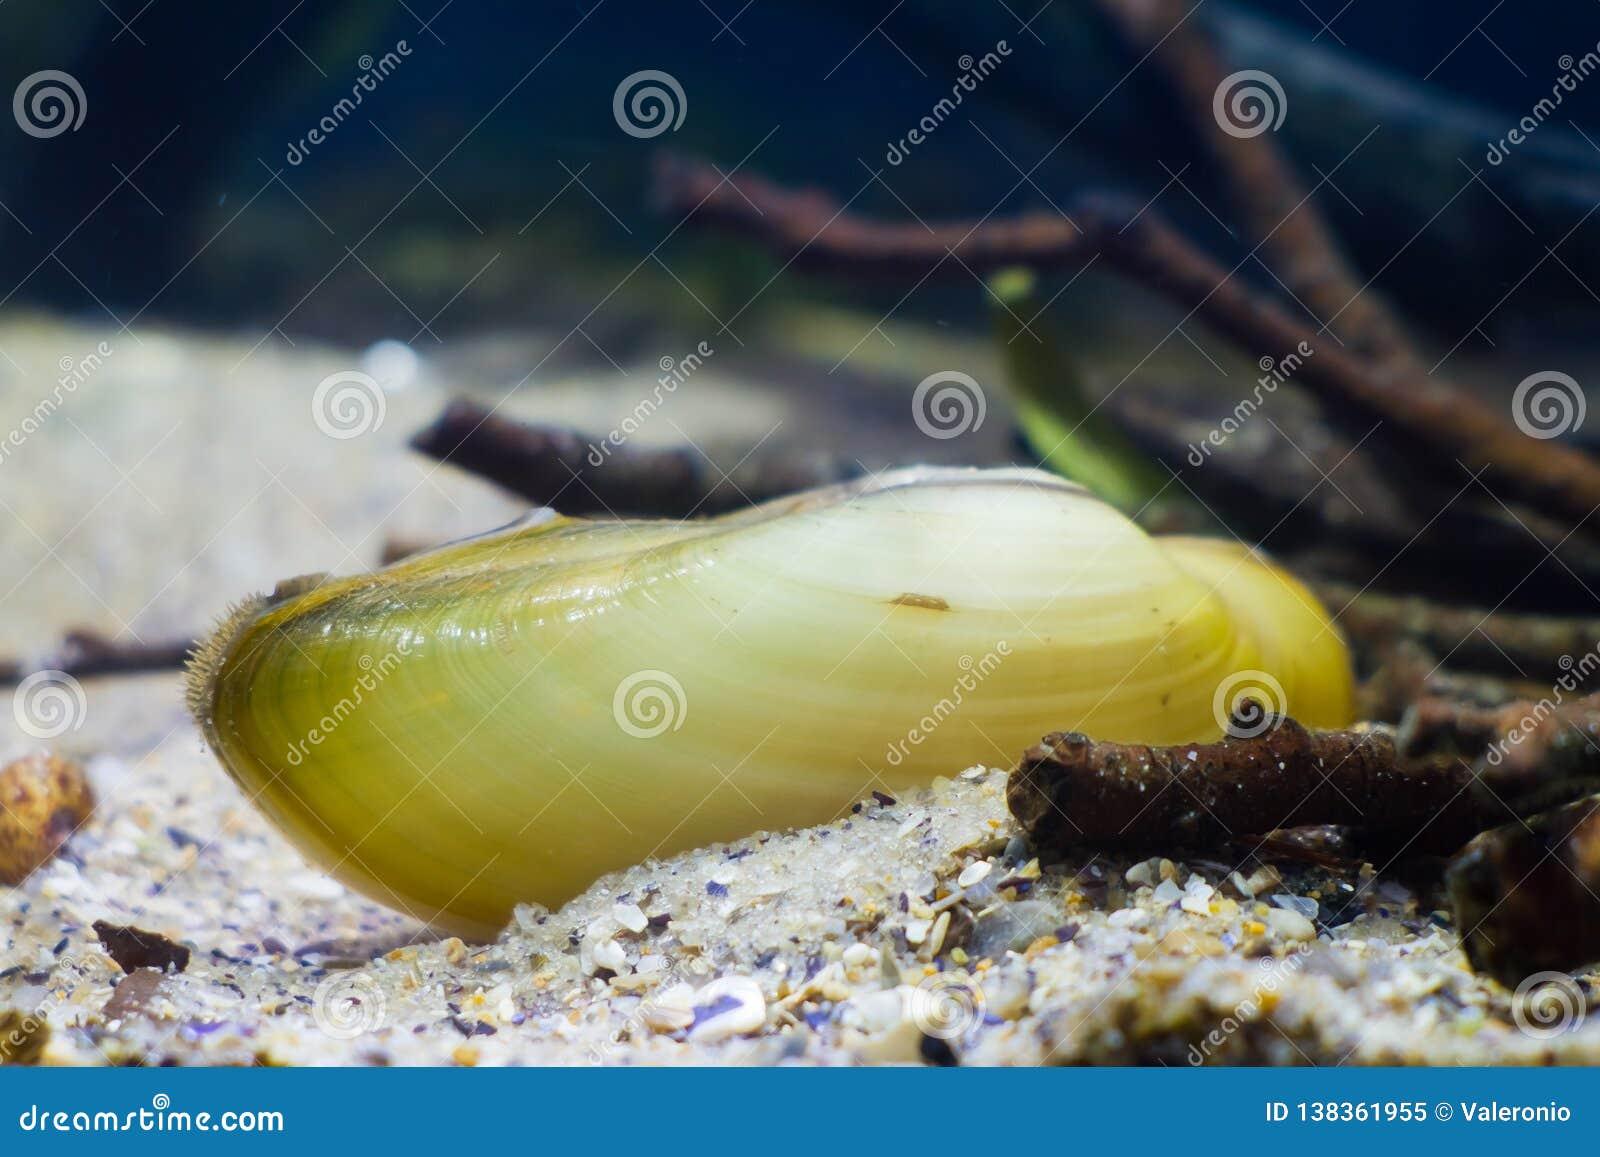 El mejillón del pintor, pictorum del Unio, una especie de mejillón de agua dulce mediano, molusco bivalvo acuático, mejillón del